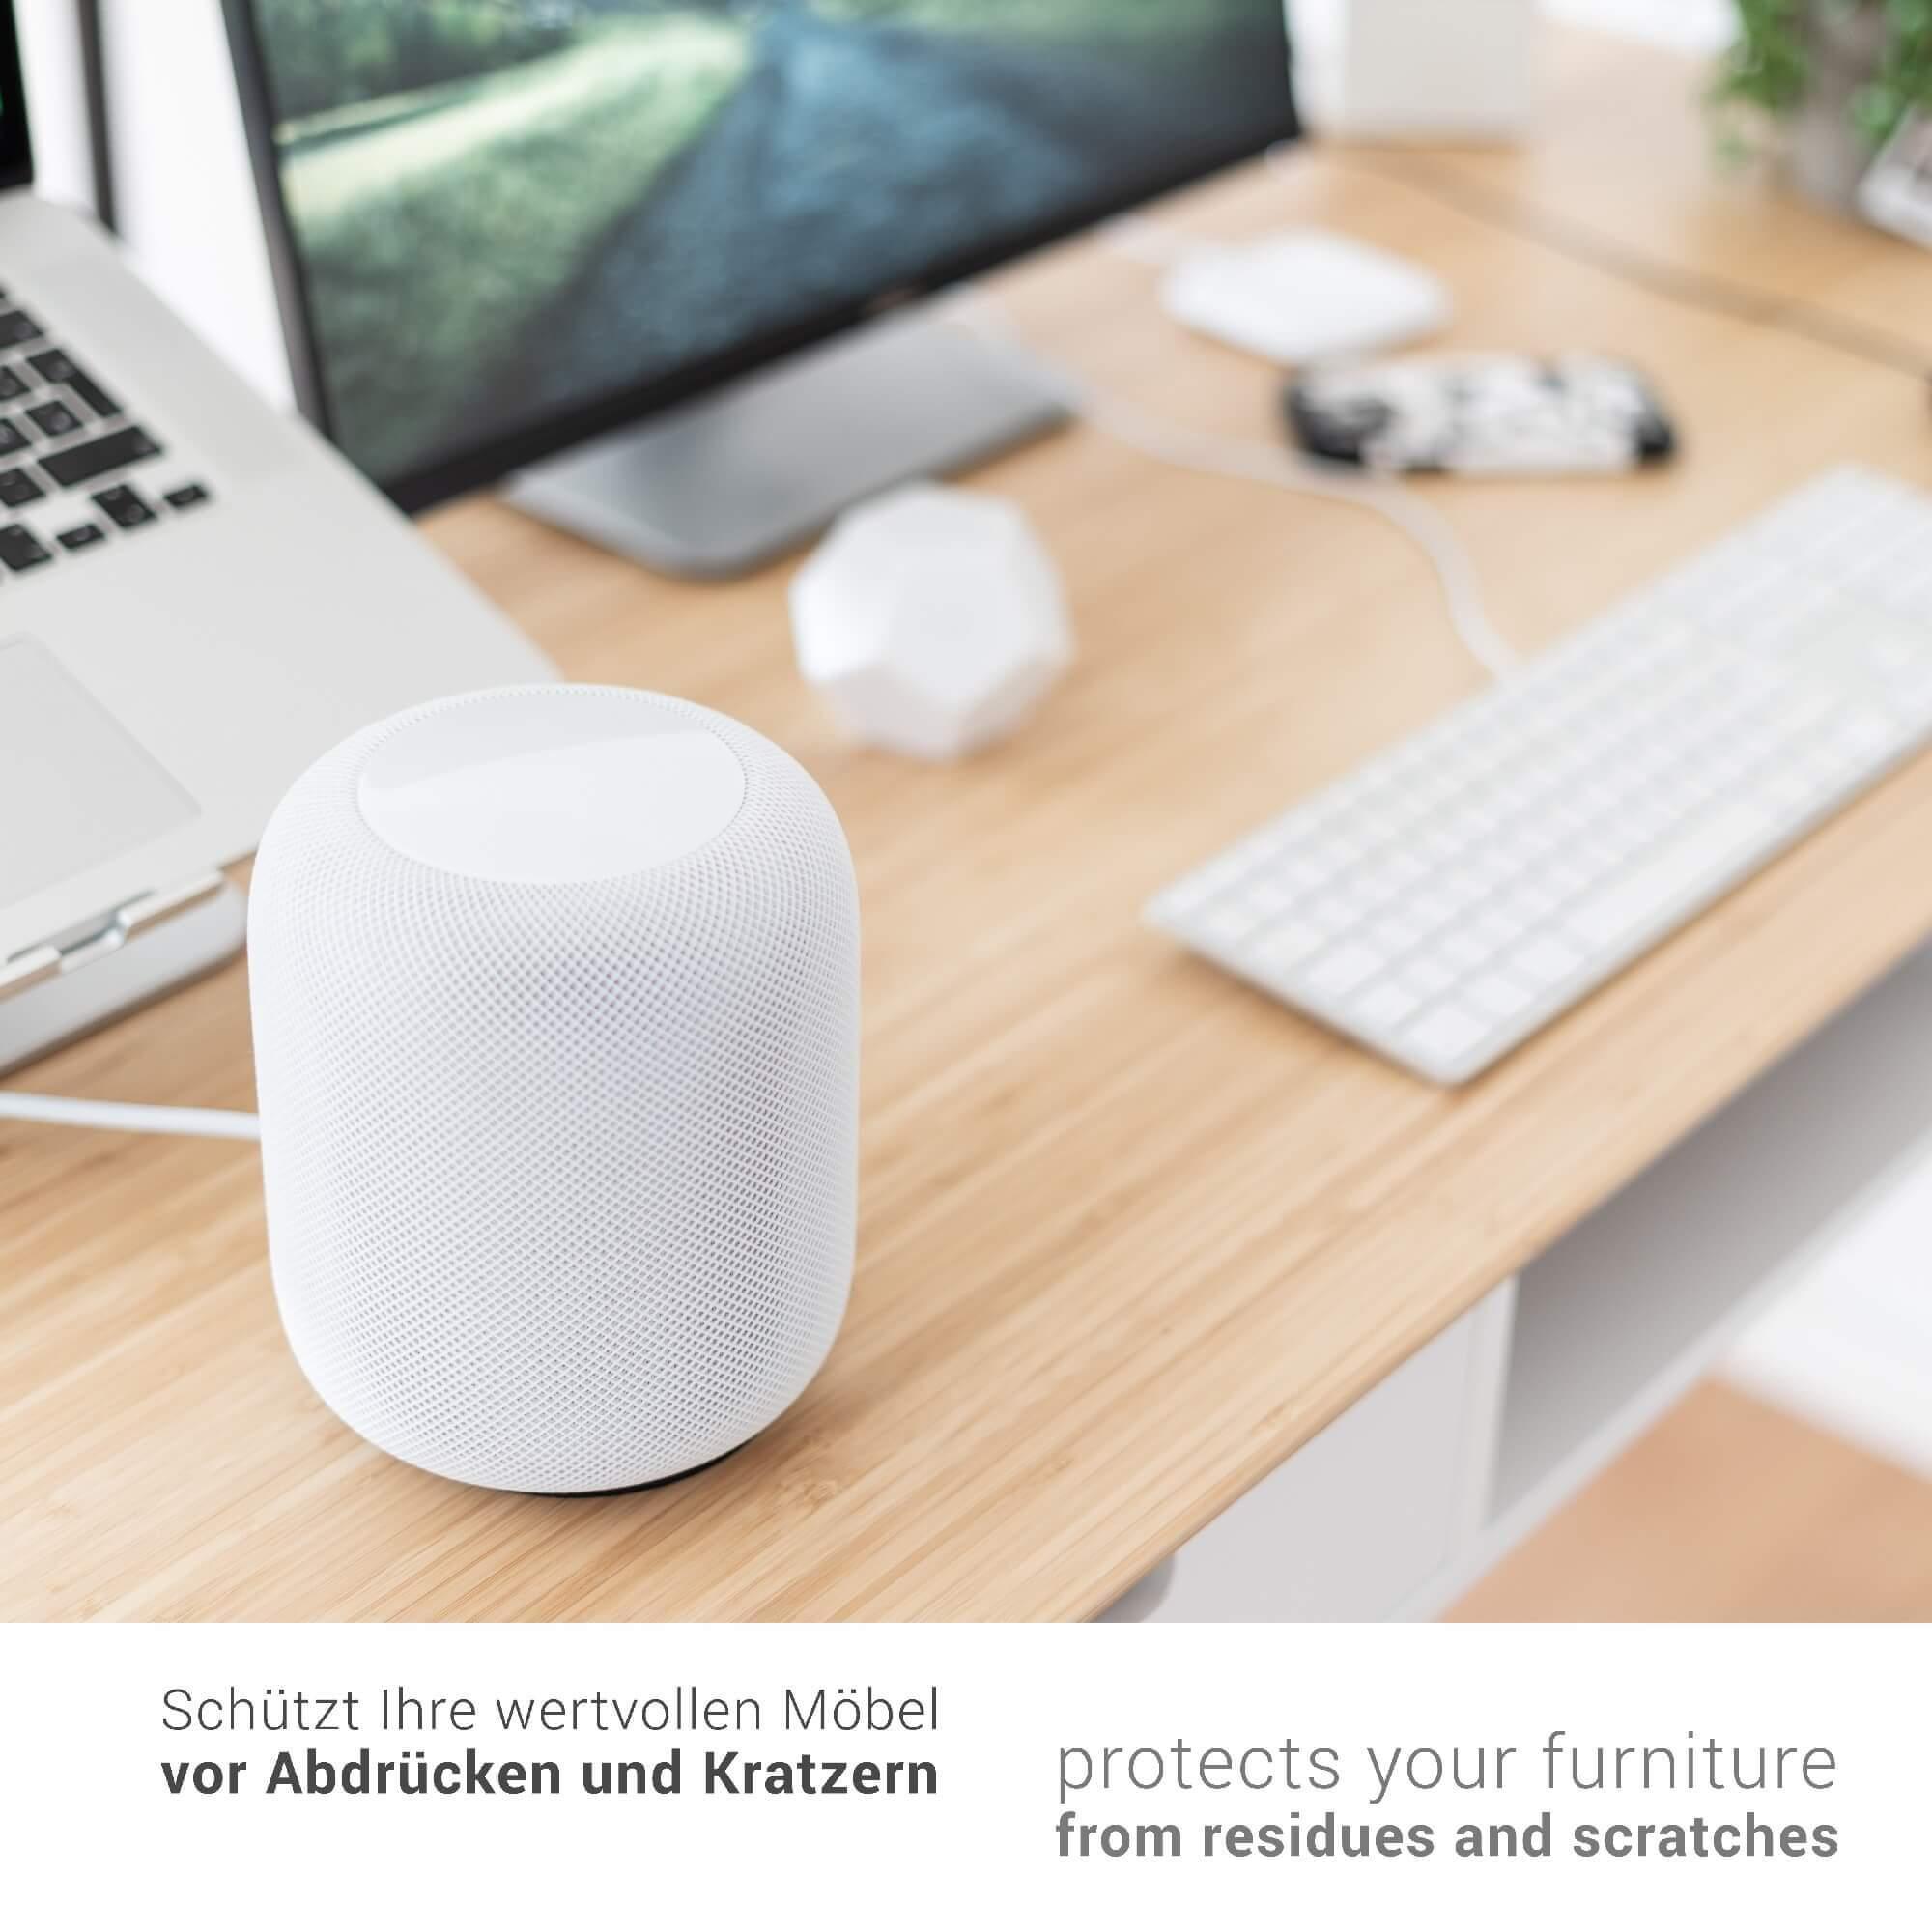 Schreibtisch design apple  honju HOME Leather Coaster | Apple HomePod, Sonos Play 1, Amazon ...